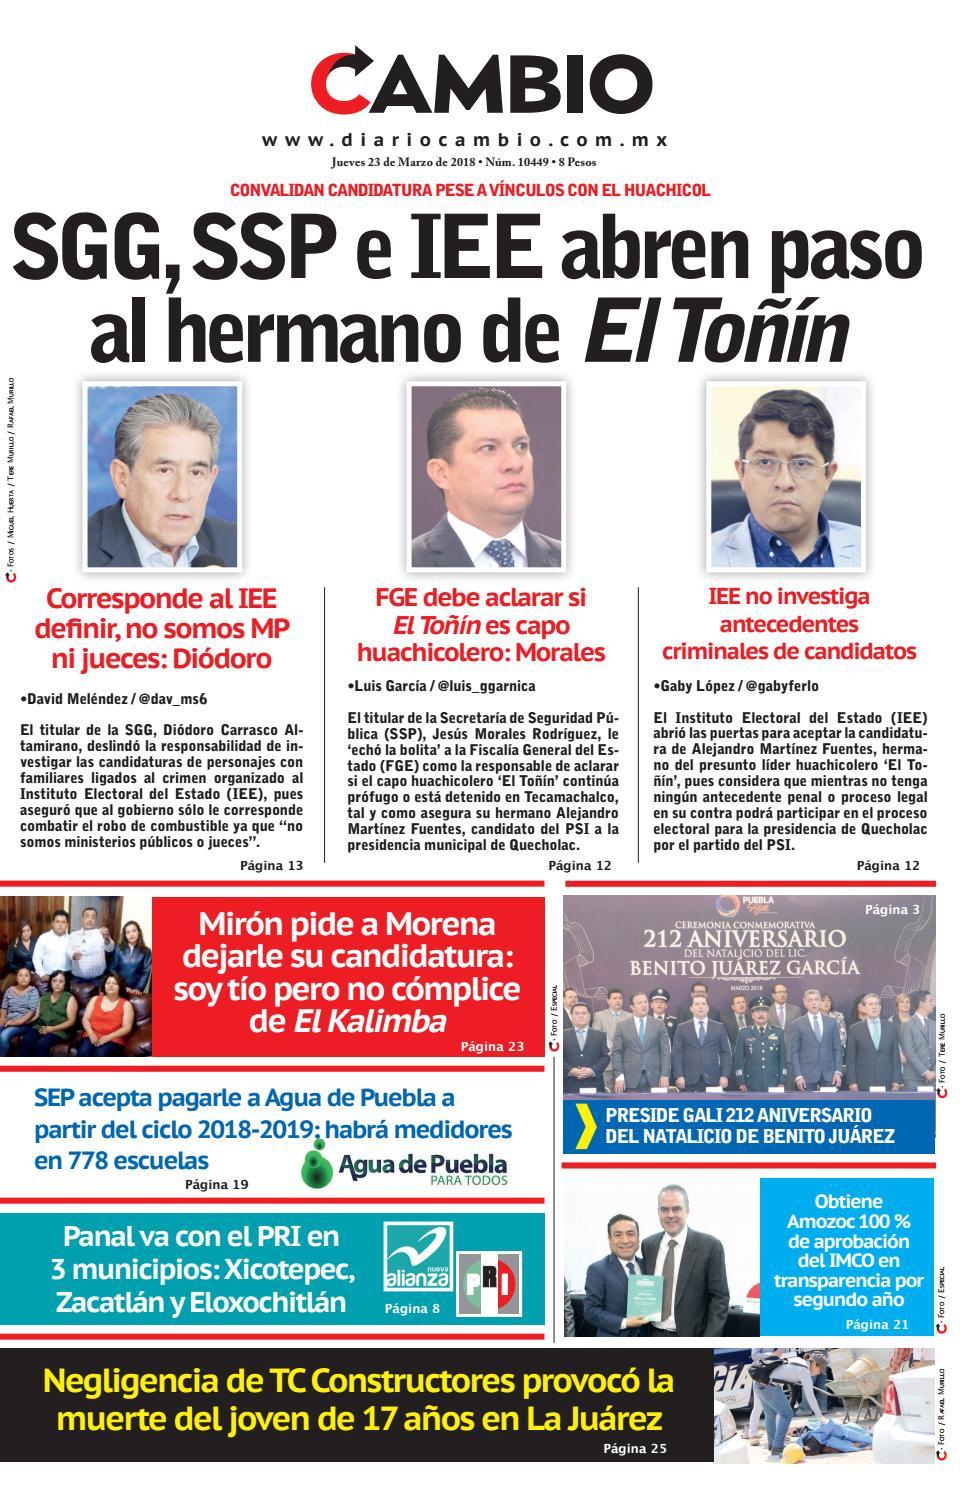 Diario Cambio by Diario Cambio - issuu